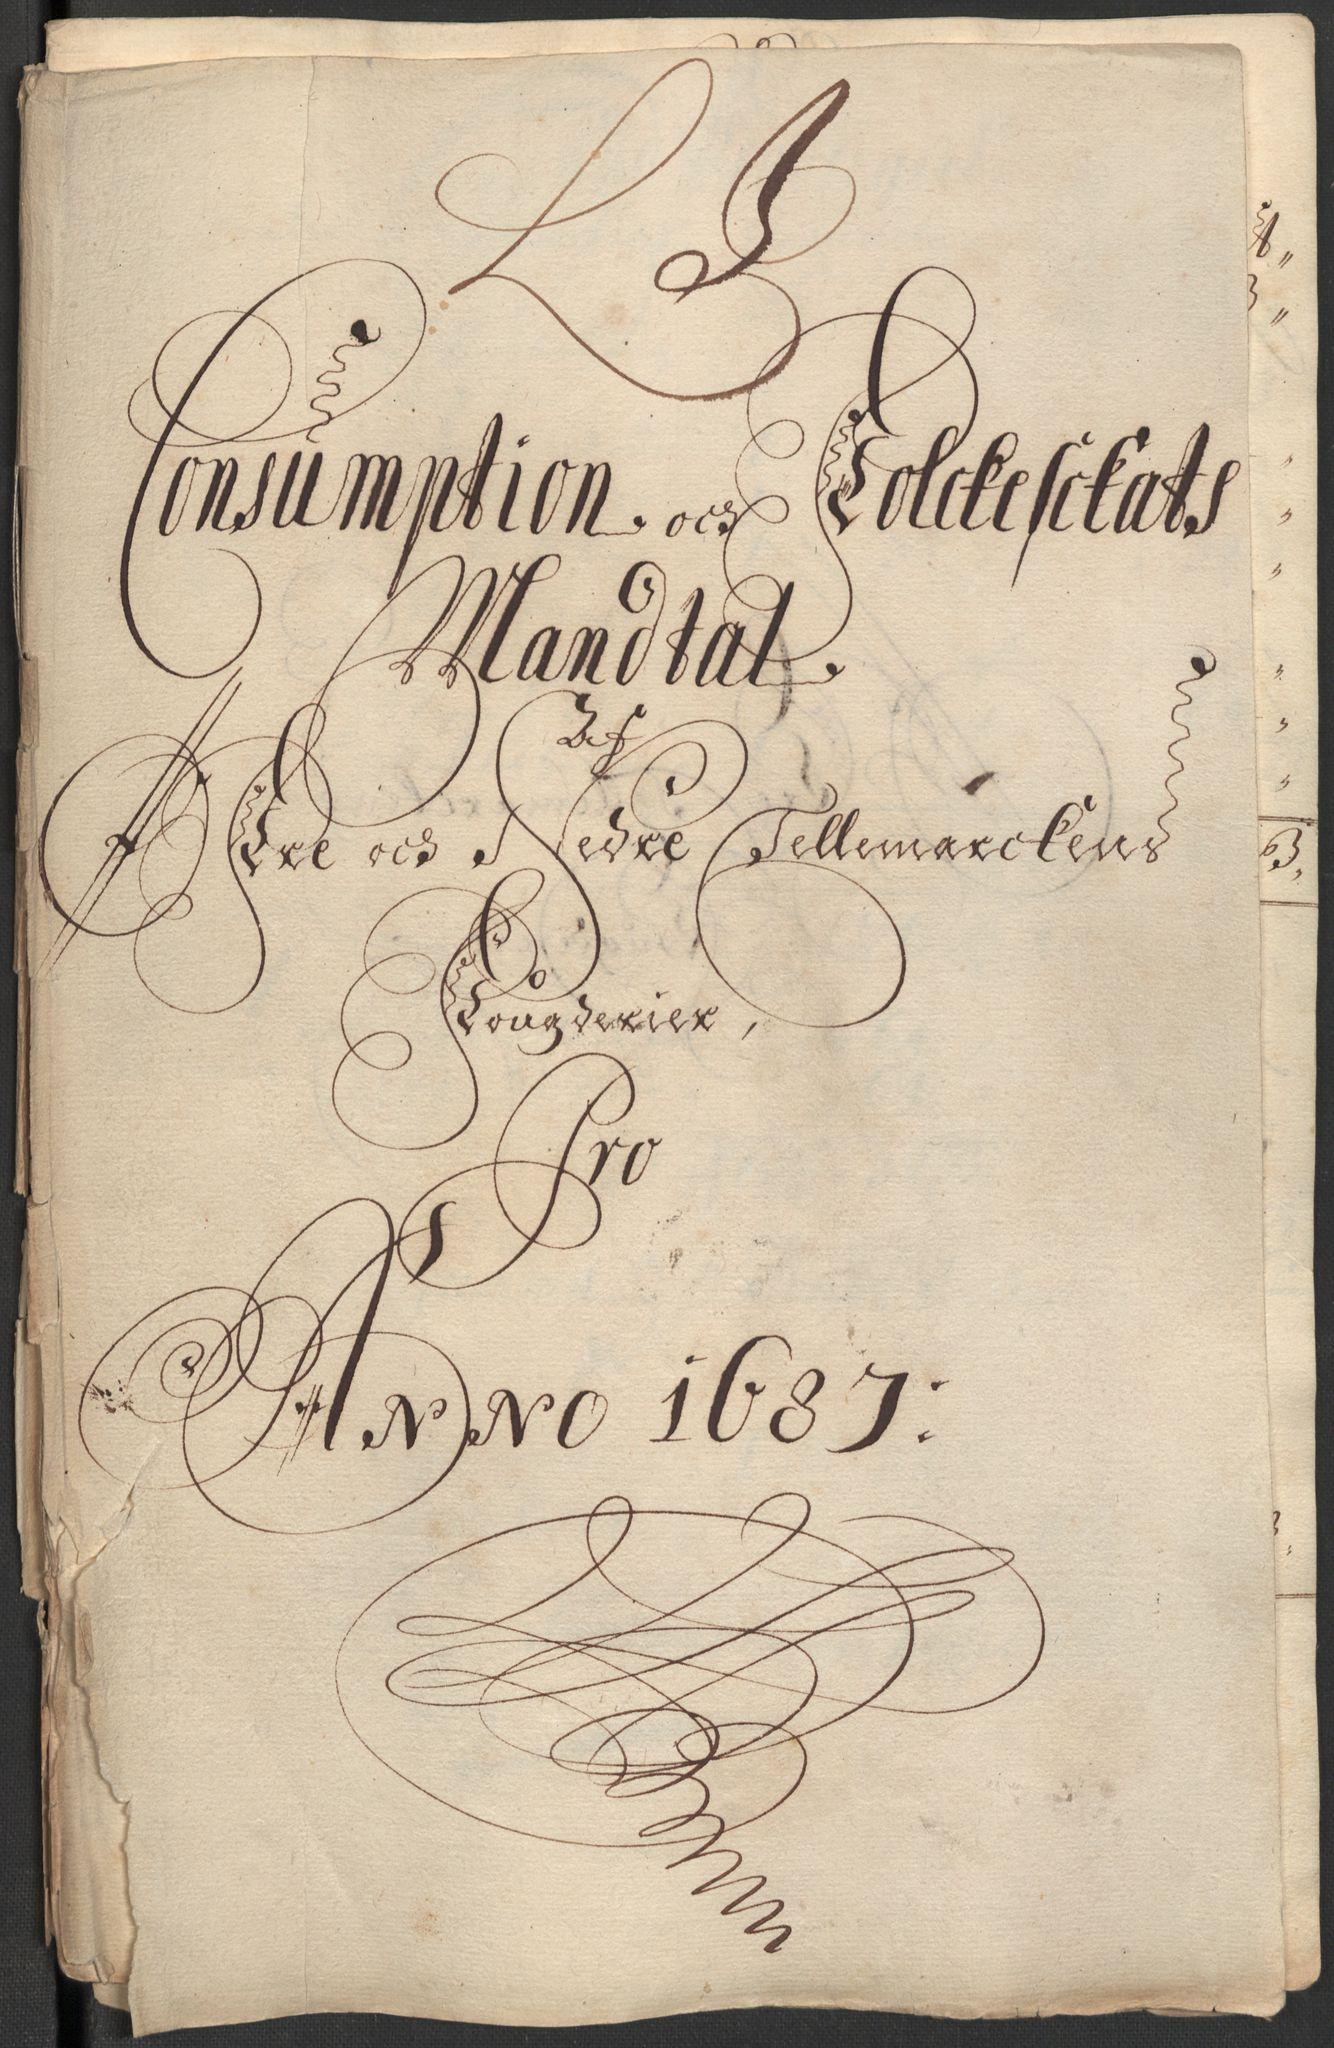 RA, Rentekammeret inntil 1814, Reviderte regnskaper, Fogderegnskap, R35/L2086: Fogderegnskap Øvre og Nedre Telemark, 1687-1689, s. 129